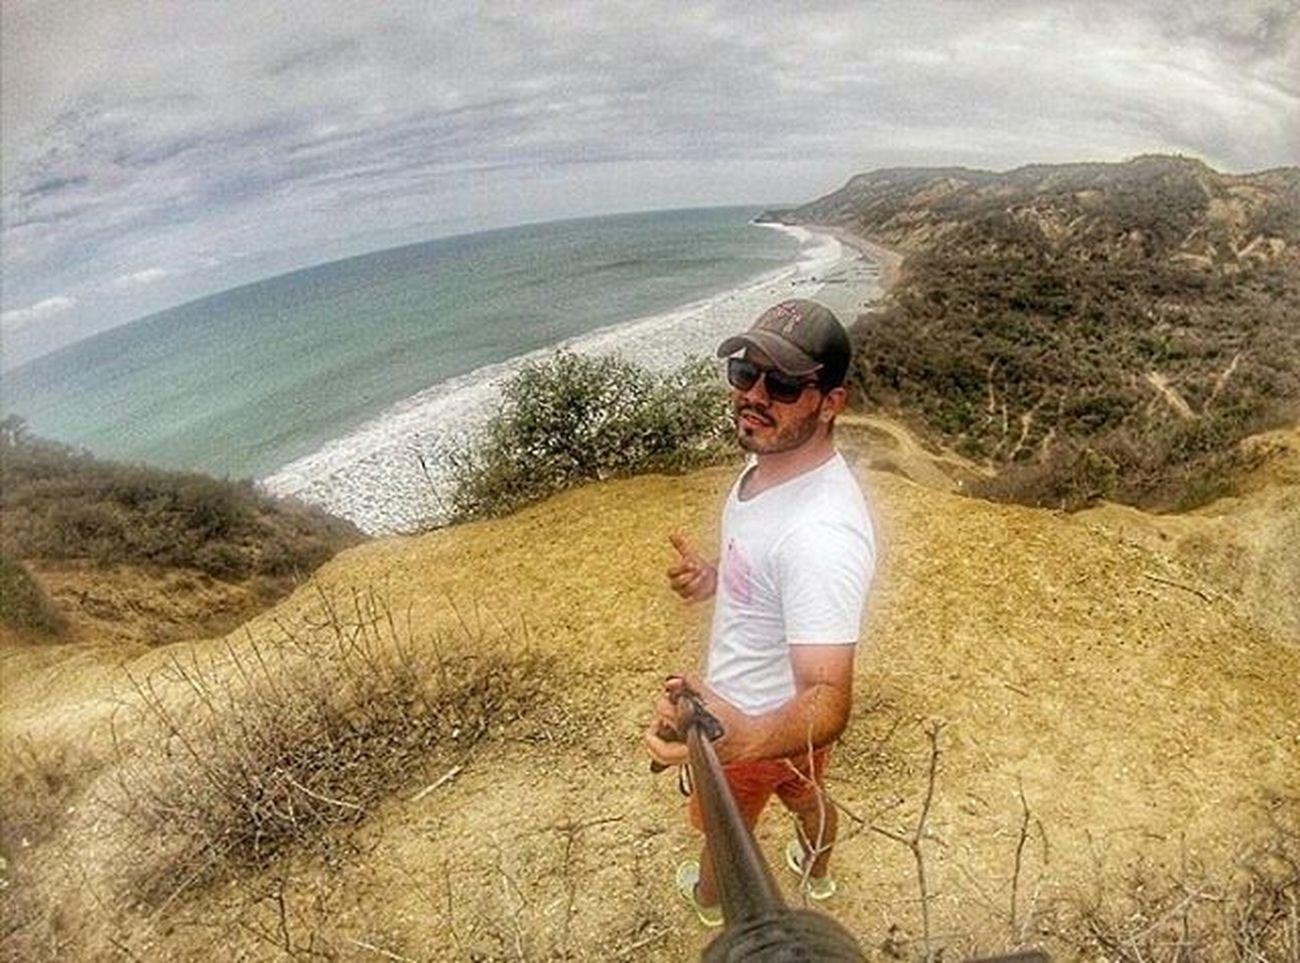 Día relax Playa Sanlorenzo la mejor vista Manta Manabí ECU Ecuador AllYouNeedIsEcuador Paisajesecuador Rutaviva Gopro593 Gopro Goprohero3 ya sabe Nosedemalavida